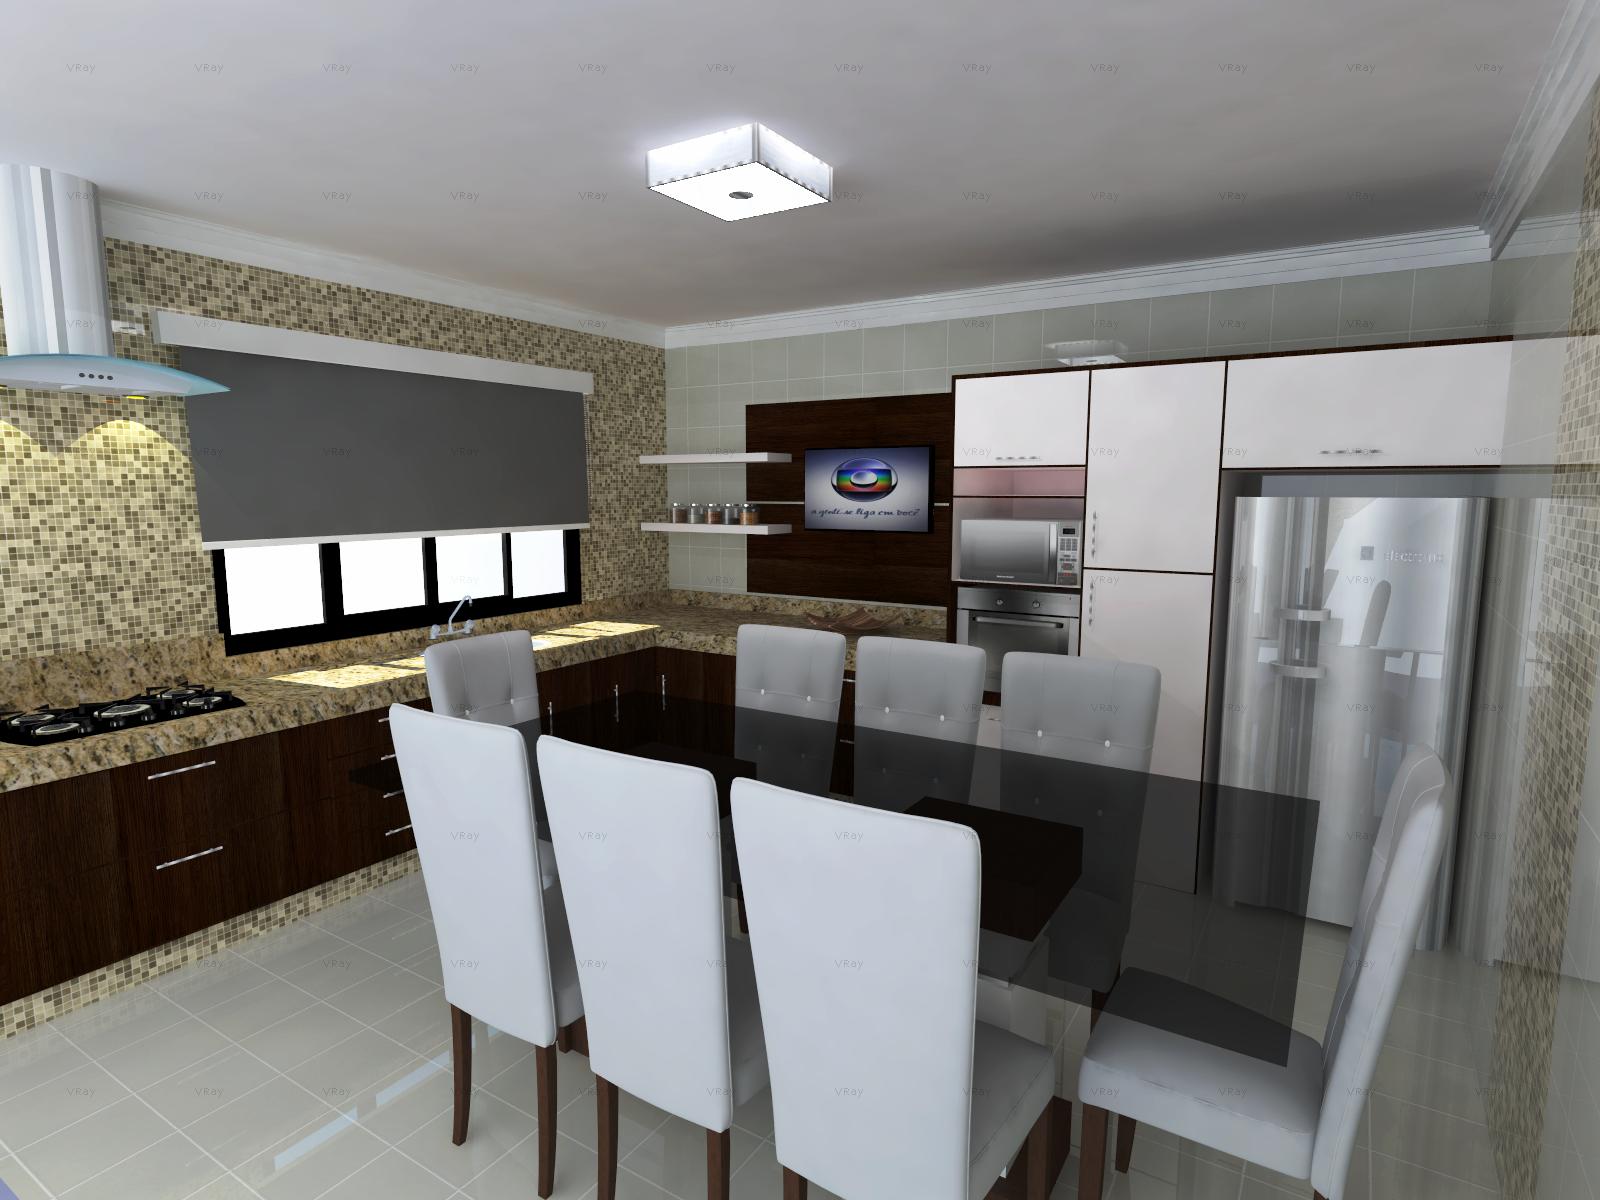 Em 3d Para Cozinha Desenhe Uma Ilha Numa Cozinha No Kdmax Software